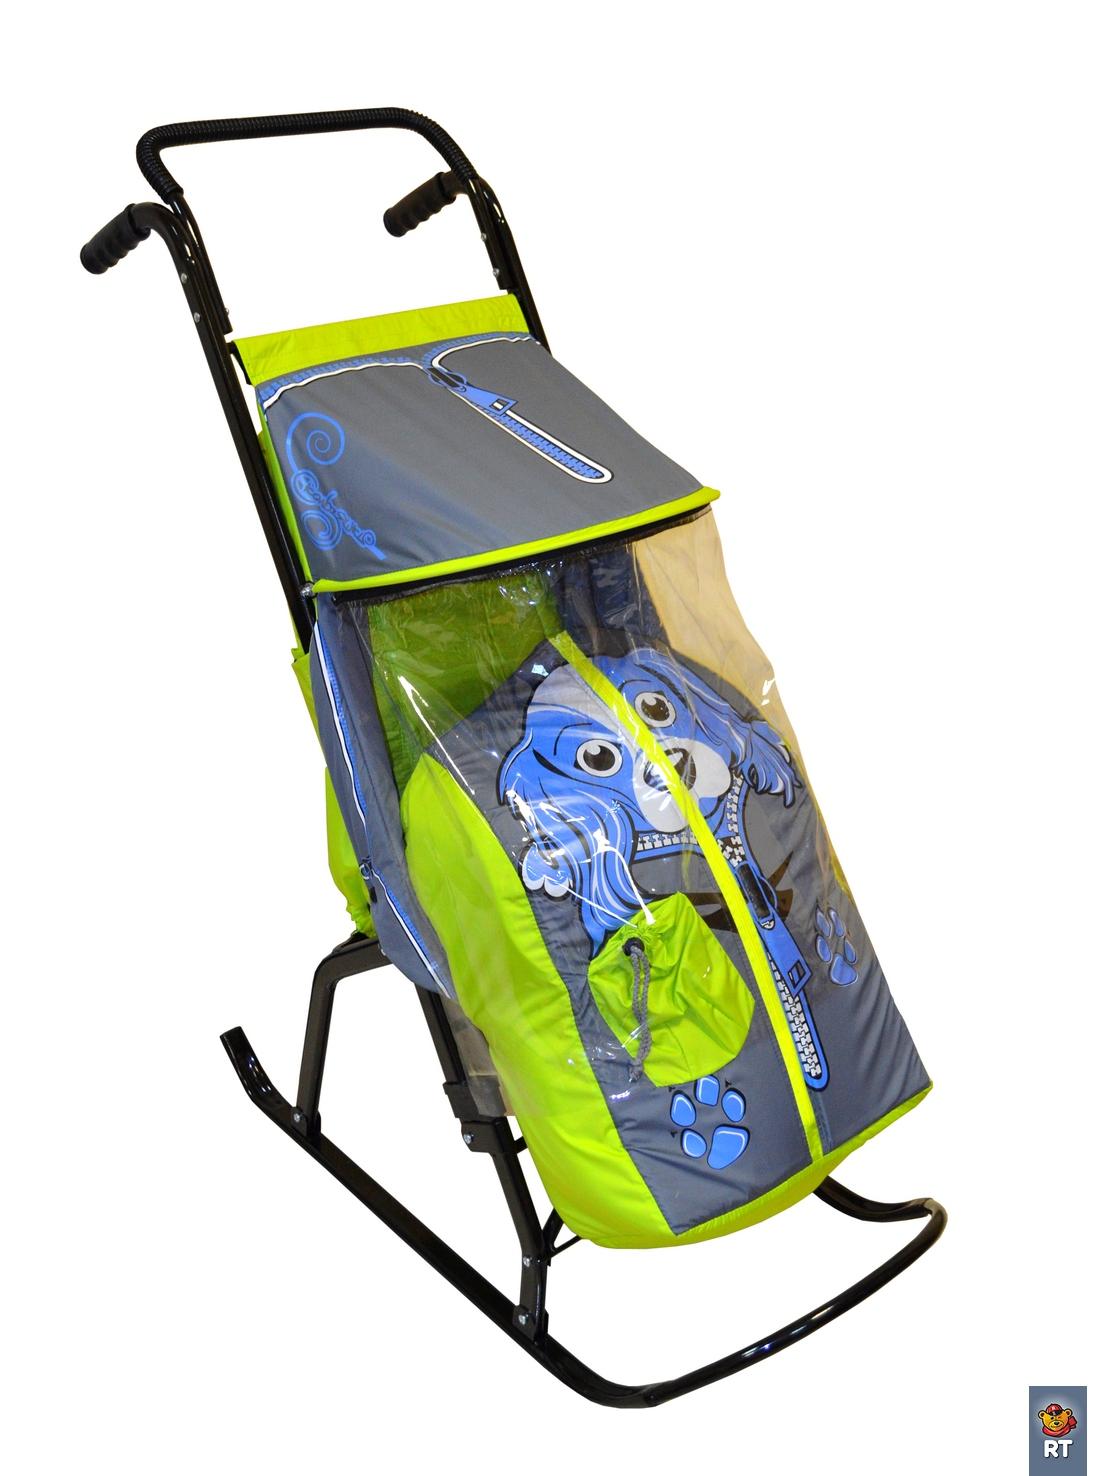 Санки-коляска Снегурочка-2-Р, Собачка, салатовый, серыйСанки и сани-коляски<br>Санки-коляска Снегурочка-2-Р, Собачка, салатовый, серый<br>